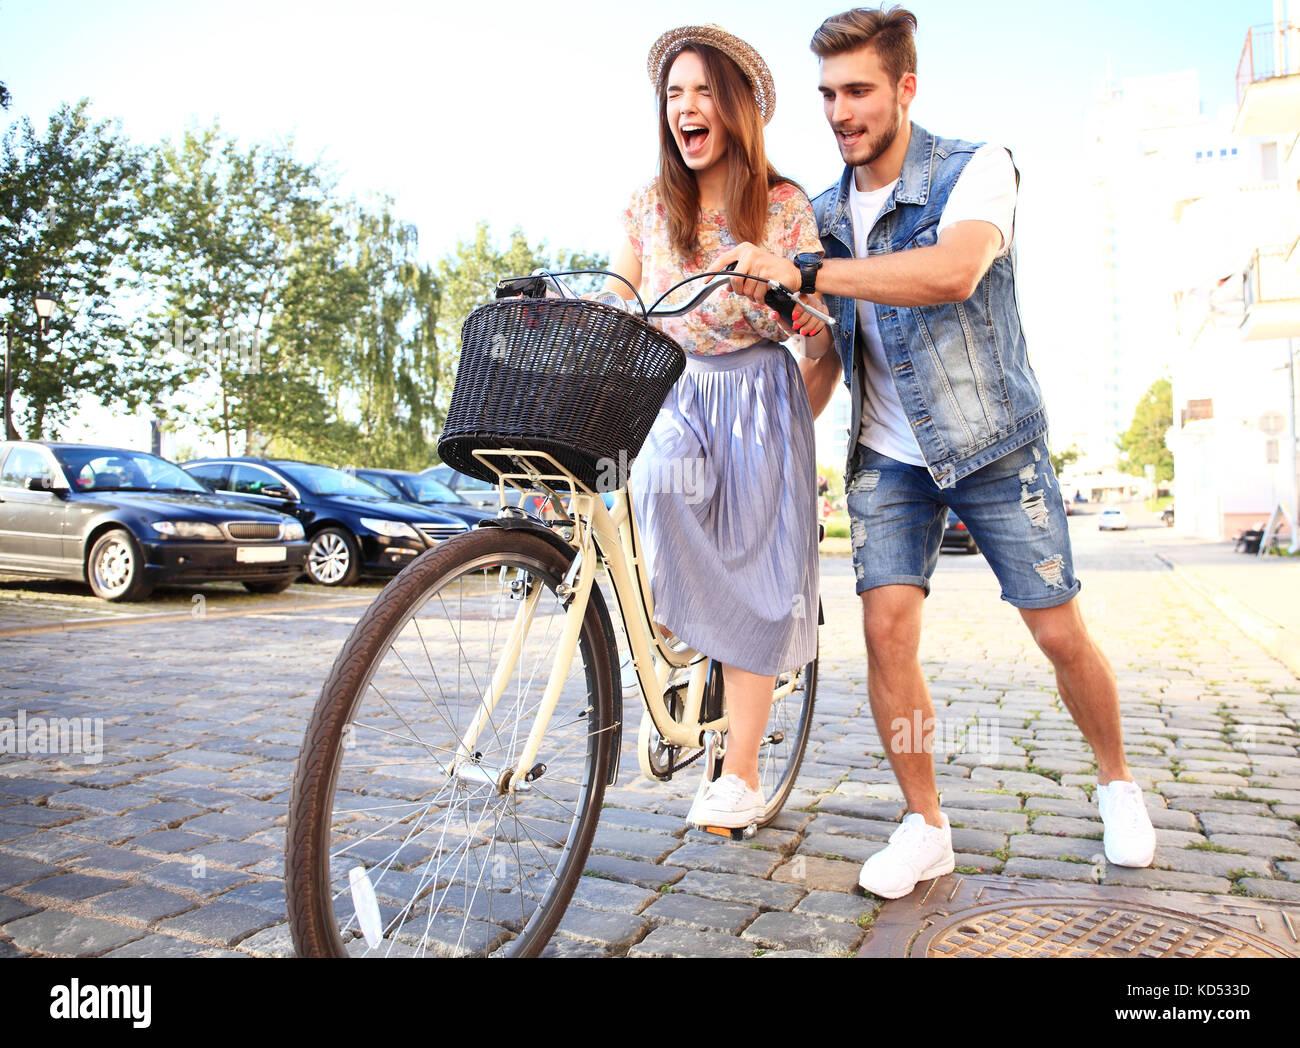 Felice coppia giovane di andare per un giro in bici su un giorno di estate in città.si stanno divertendo insieme. Foto Stock